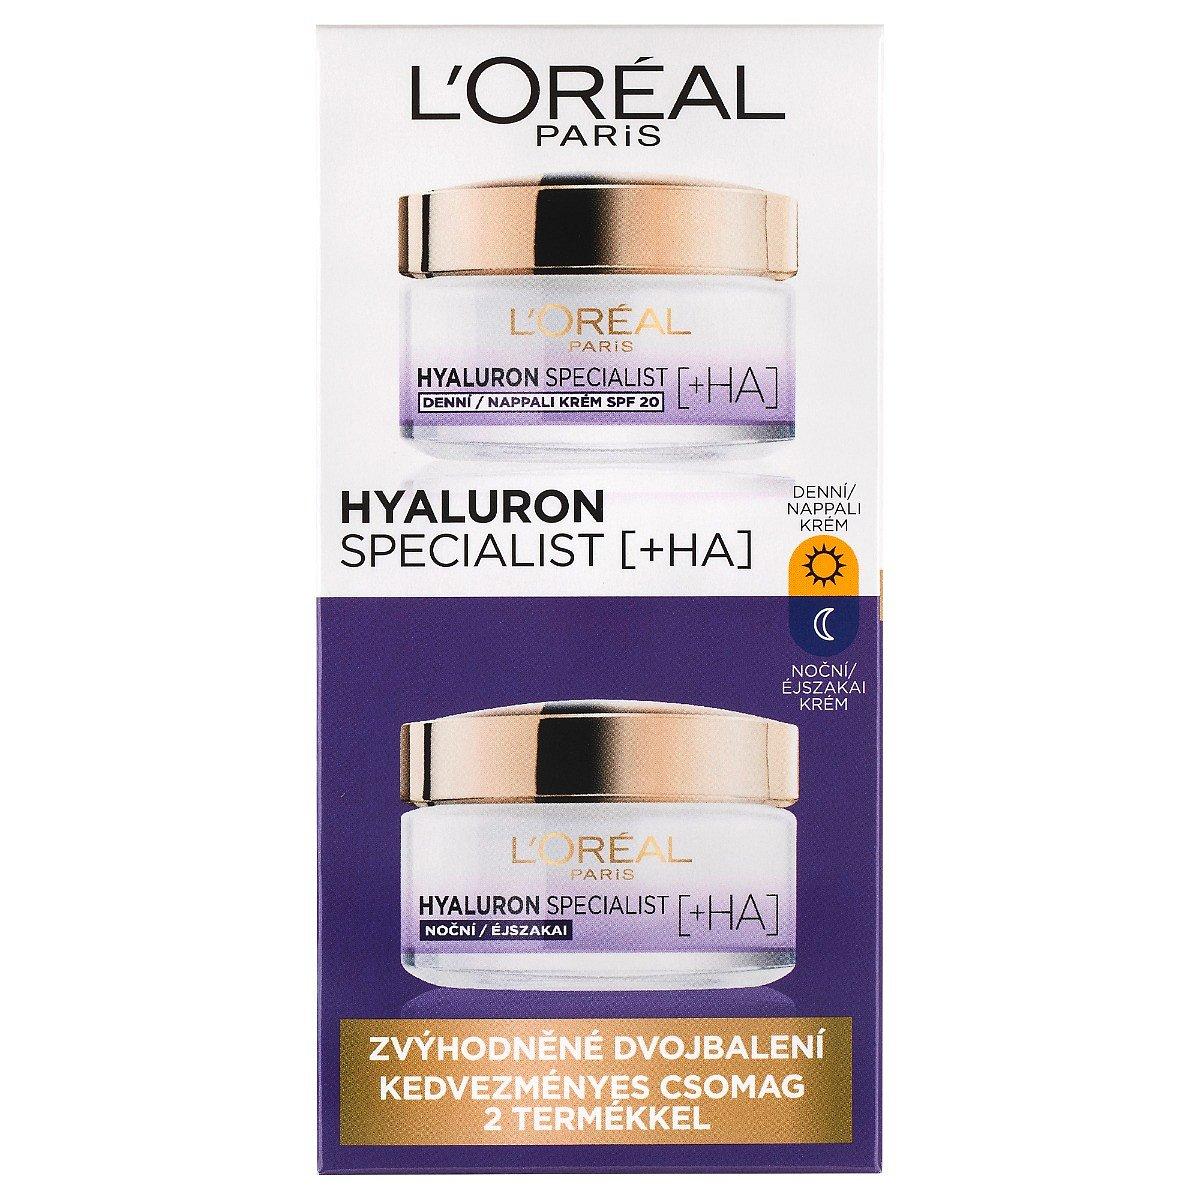 Loréal Paris Hyaluron Specialist denní a noční krém 2x50 ml